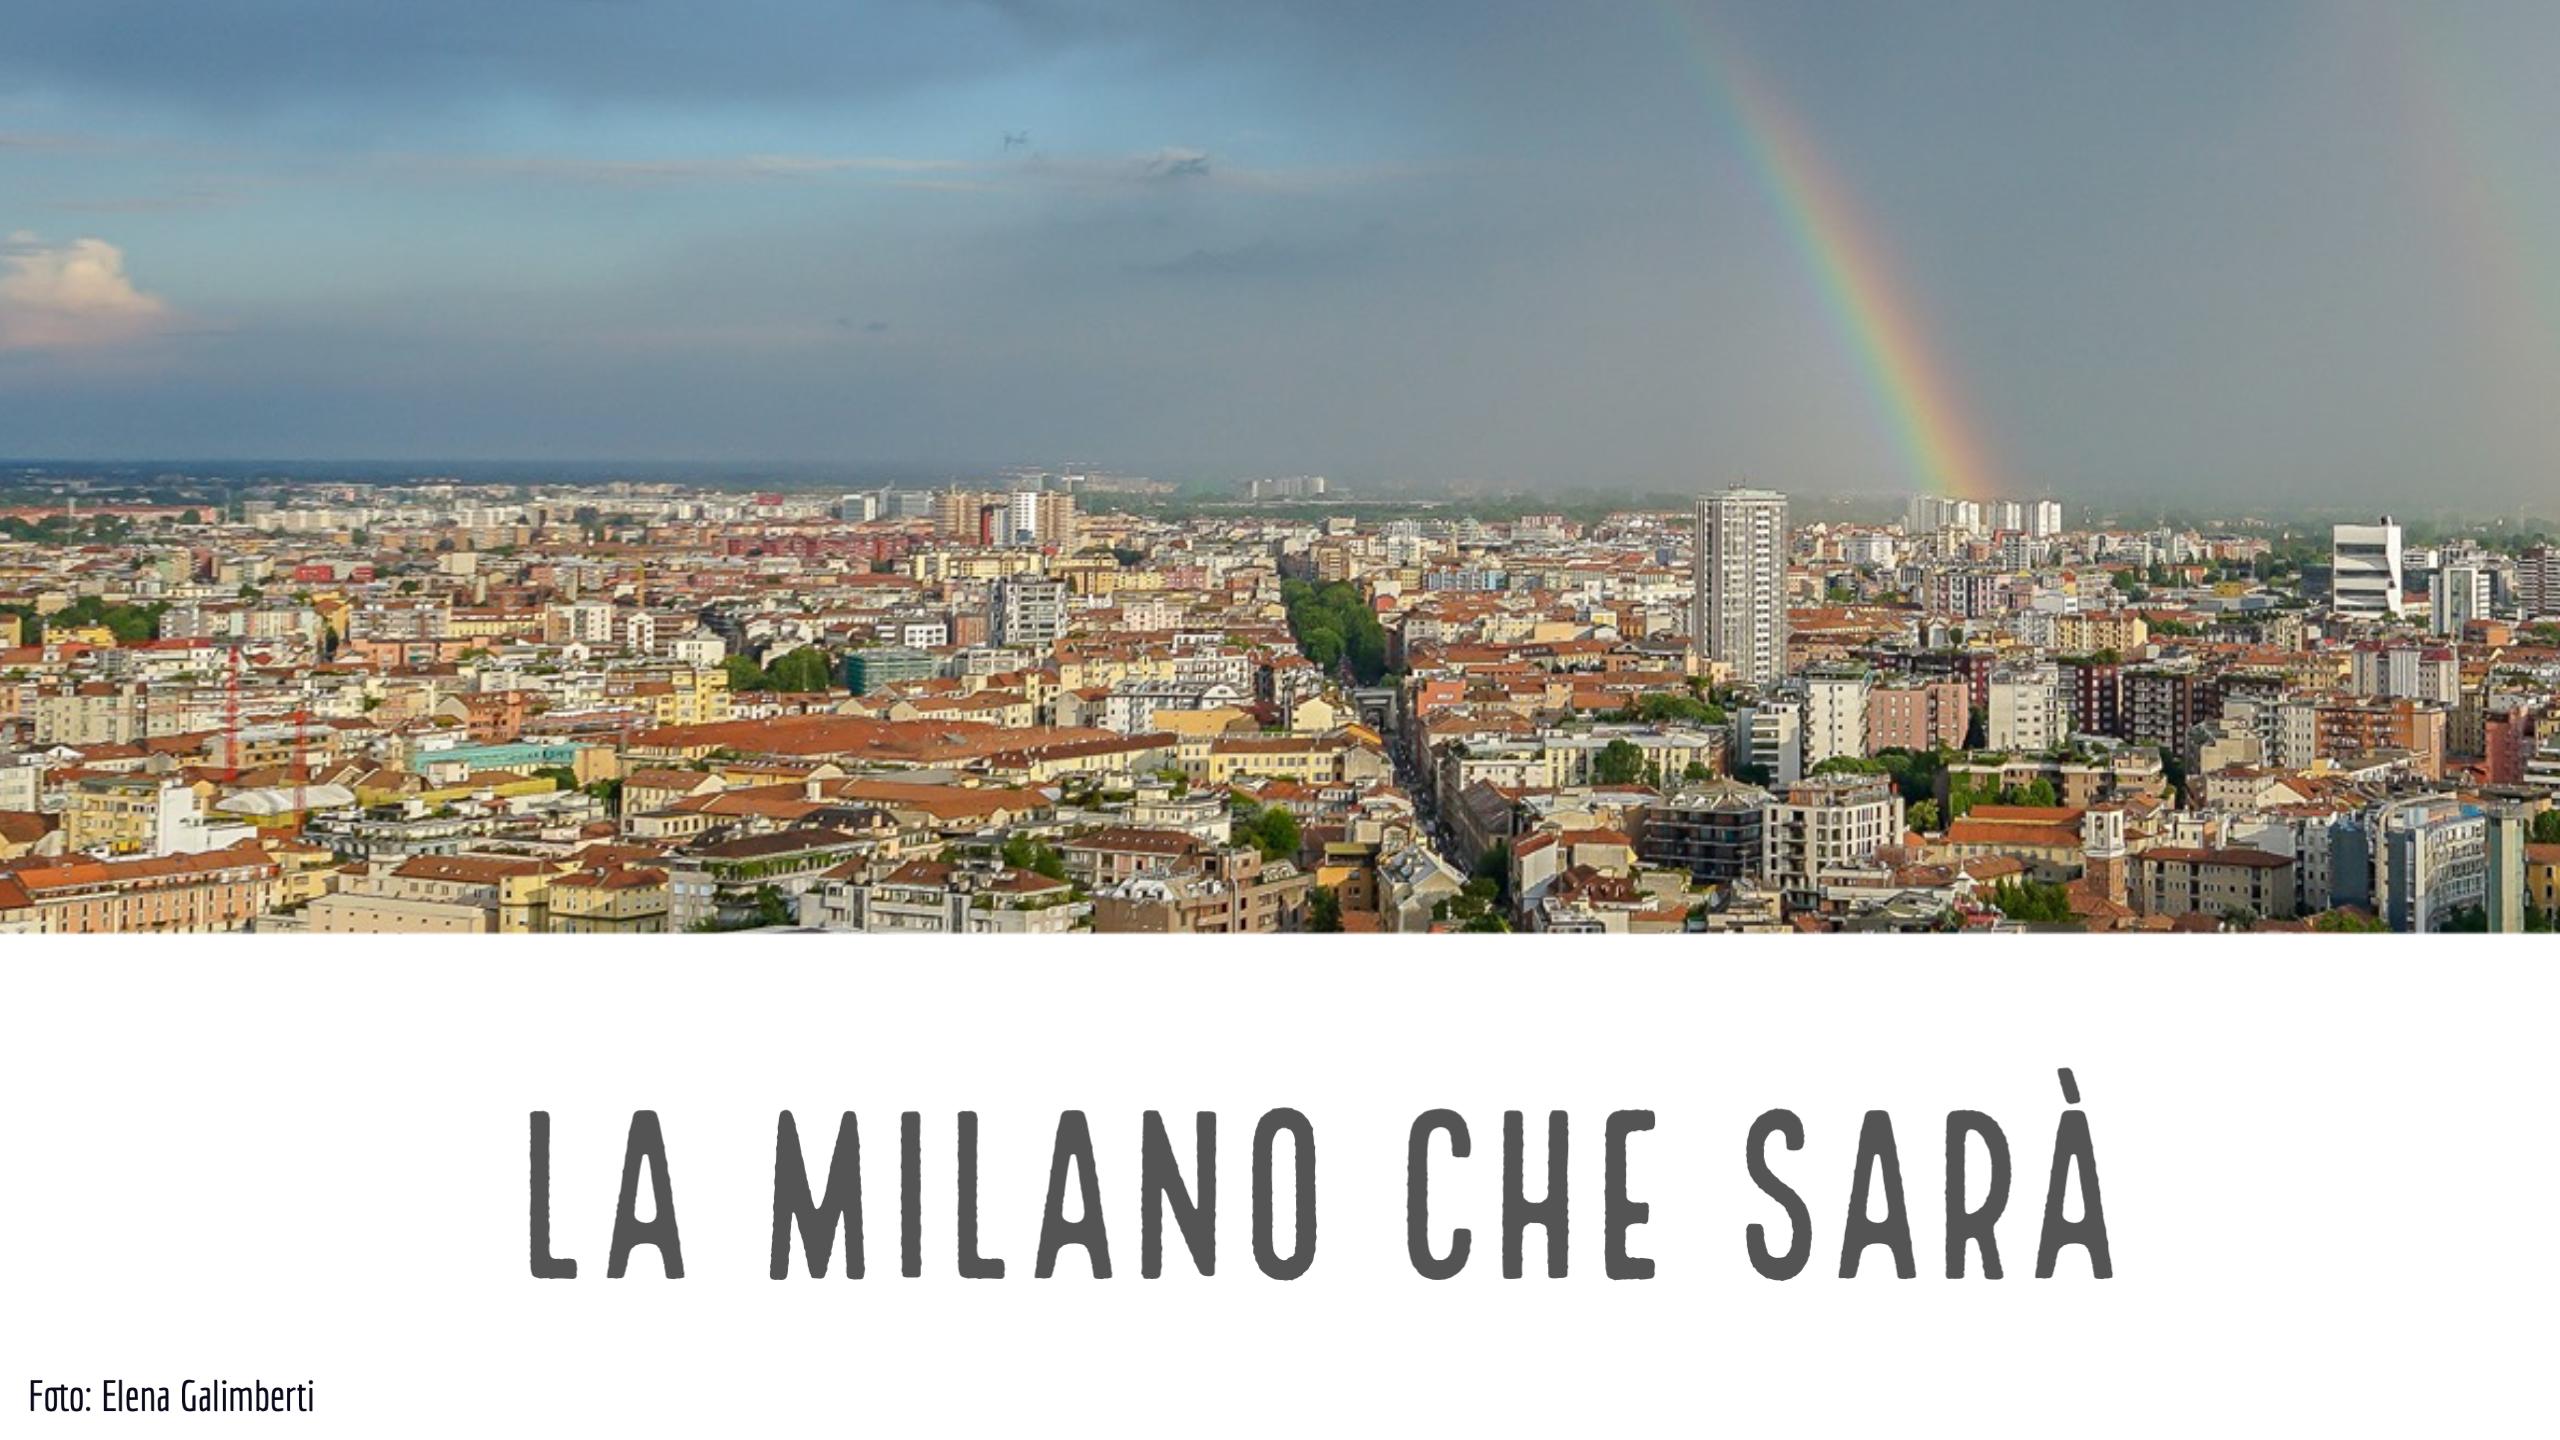 La Milano che sarà